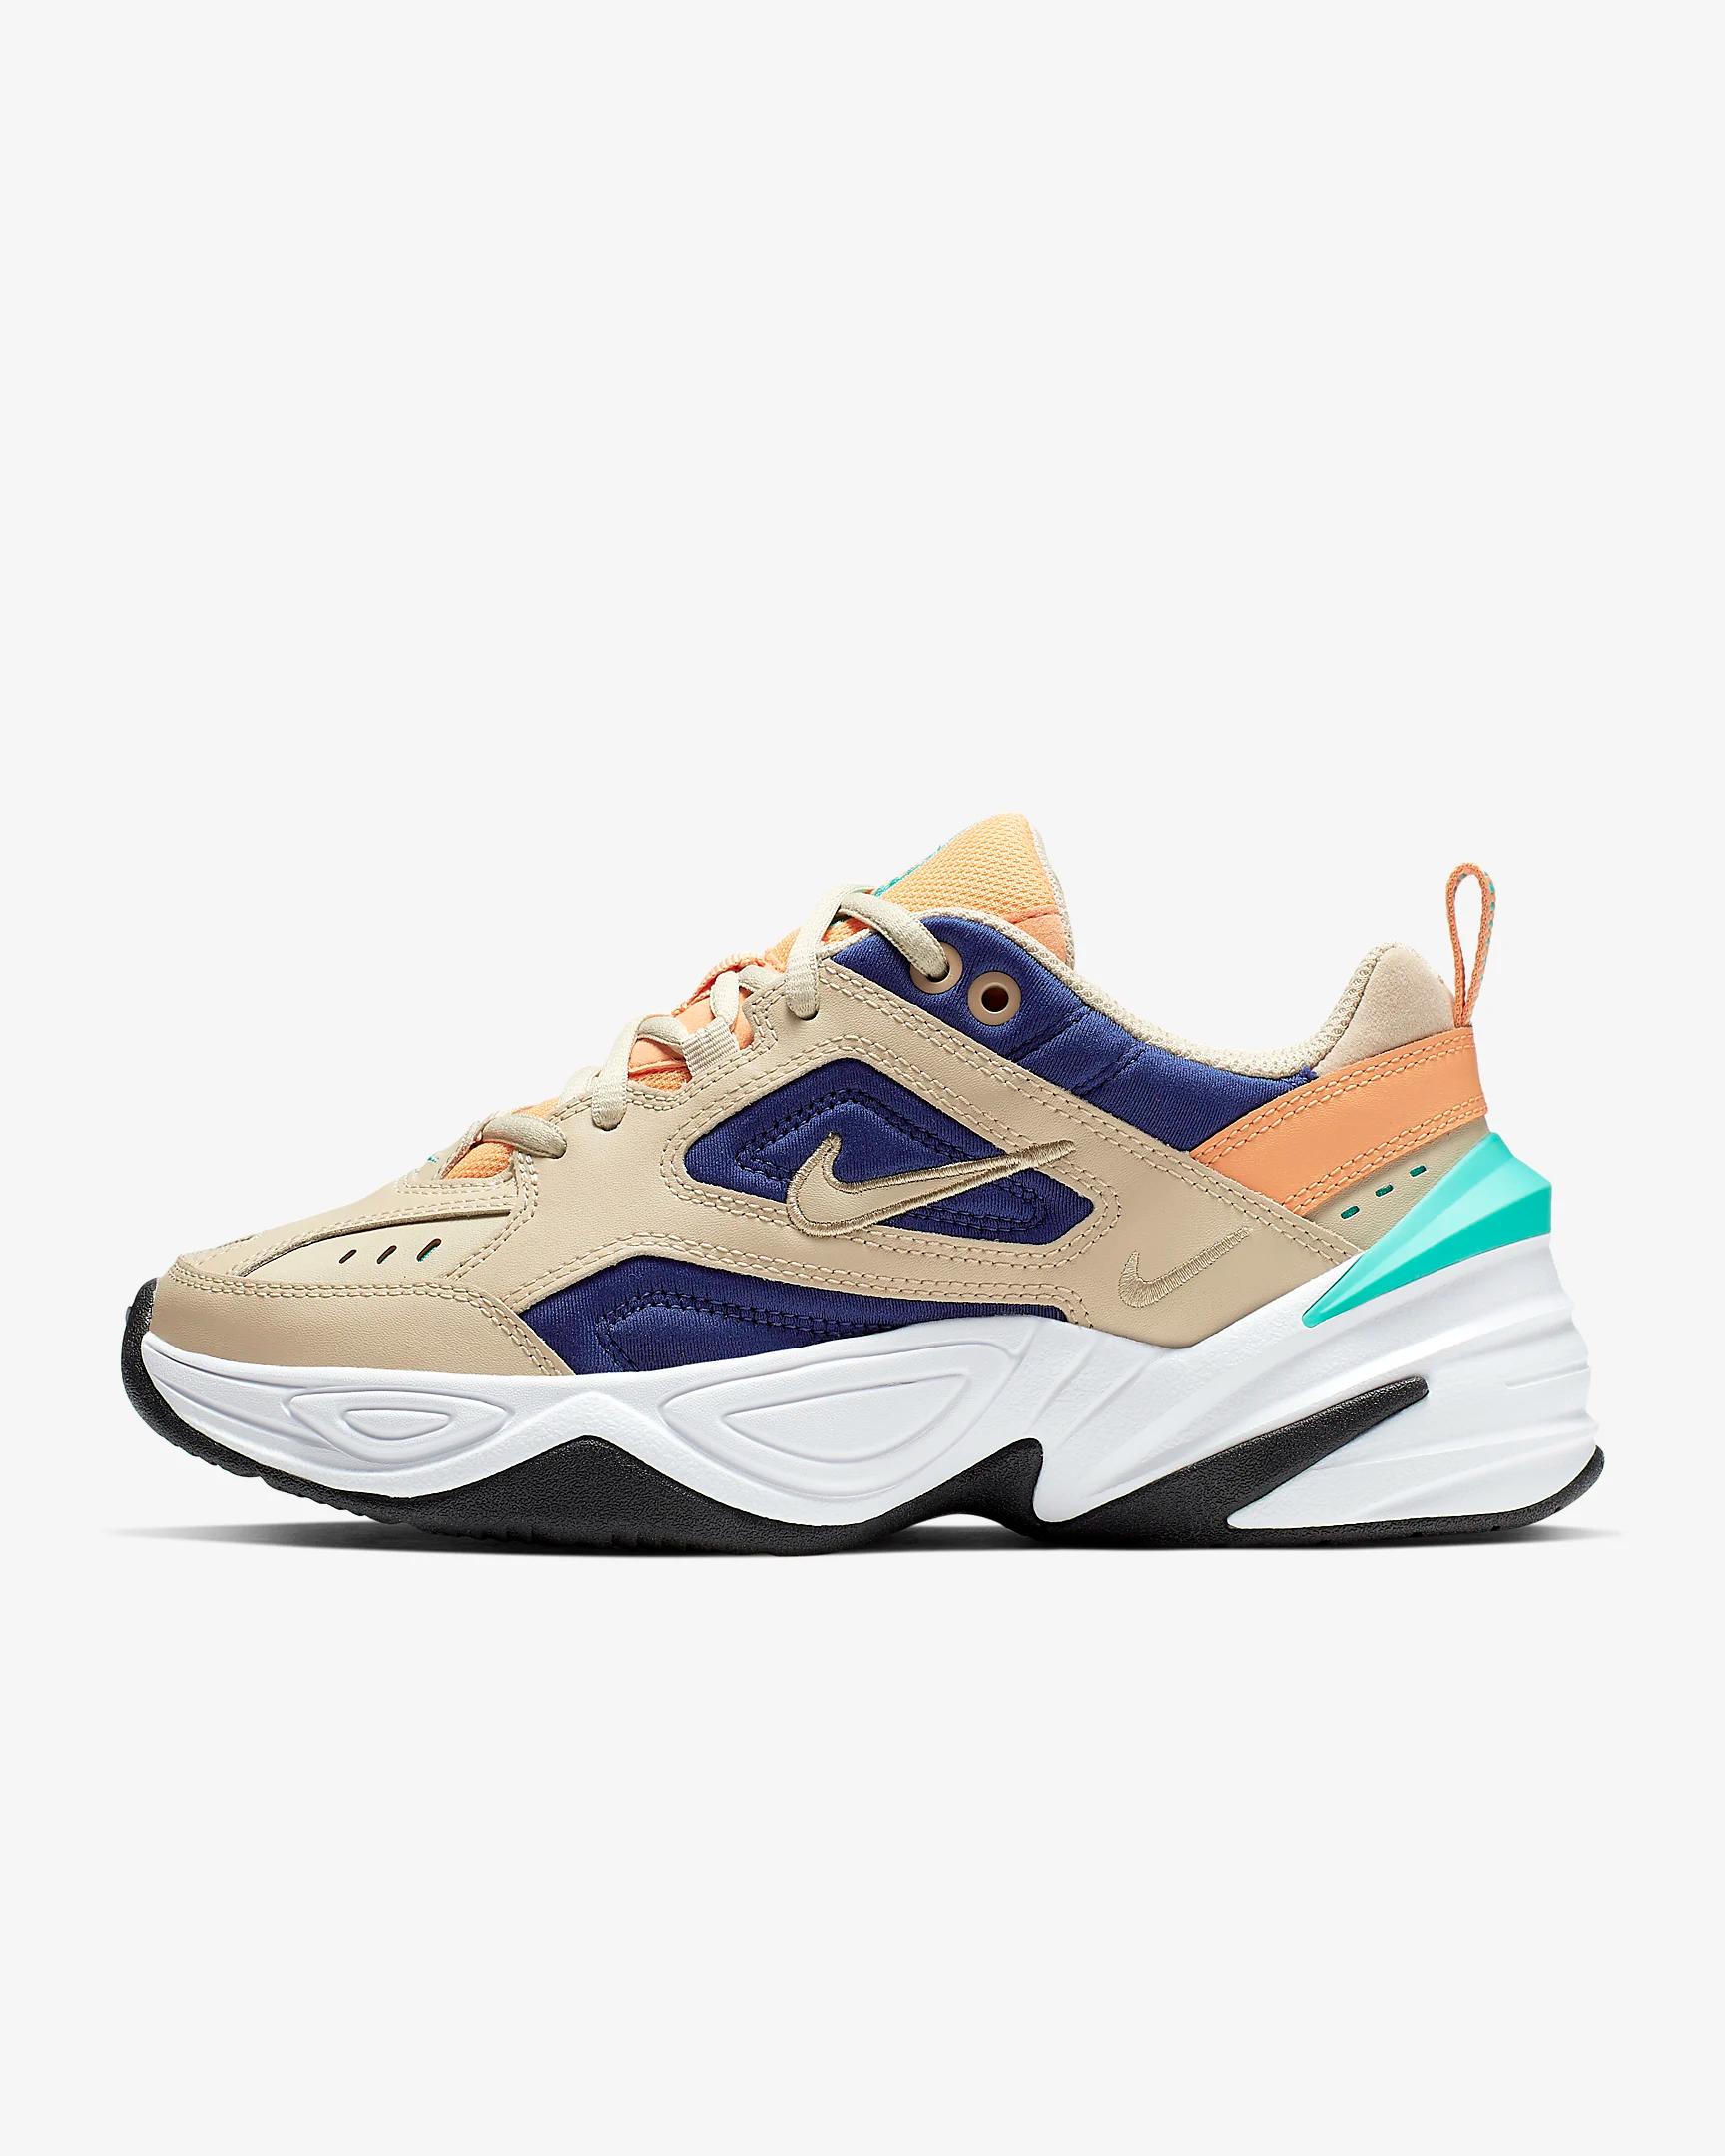 M2K Tekno Schoen. BE | Kleding Schoenen, Nike en